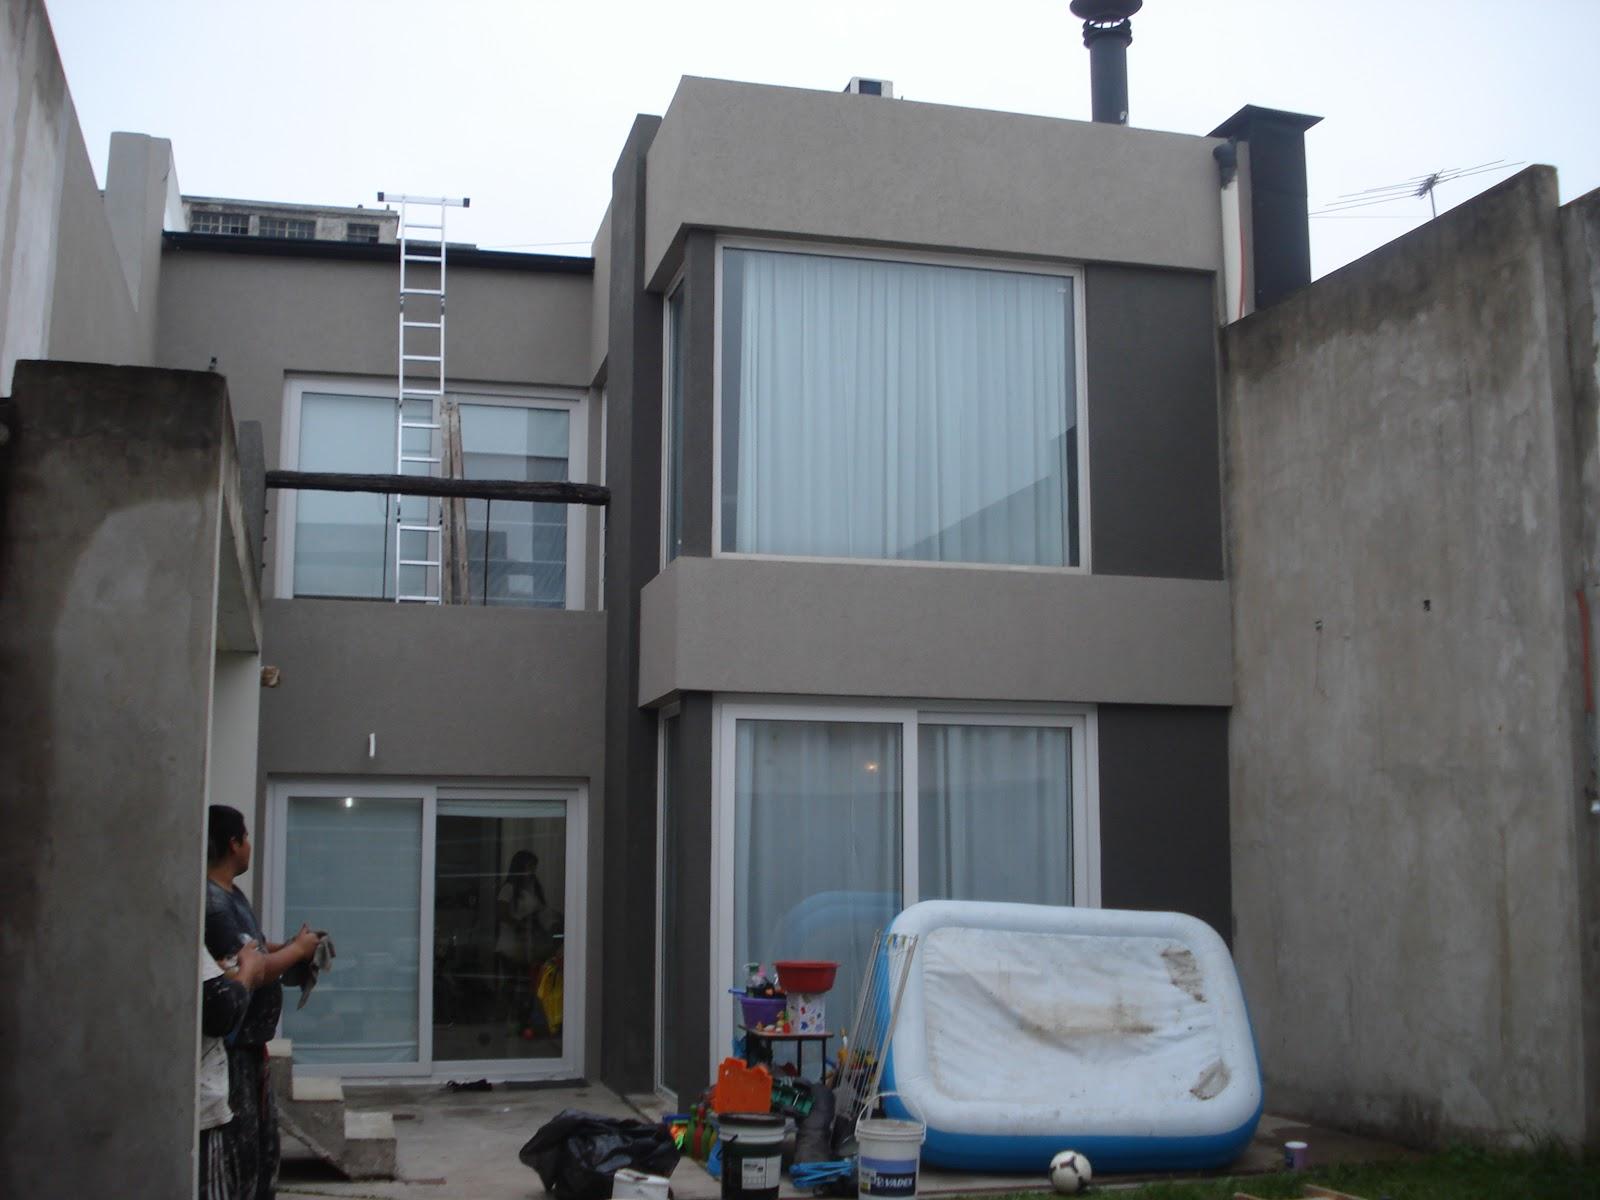 Tarquini vs otros revestimiento pl sticos consumos for Revestimiento plastico para paredes